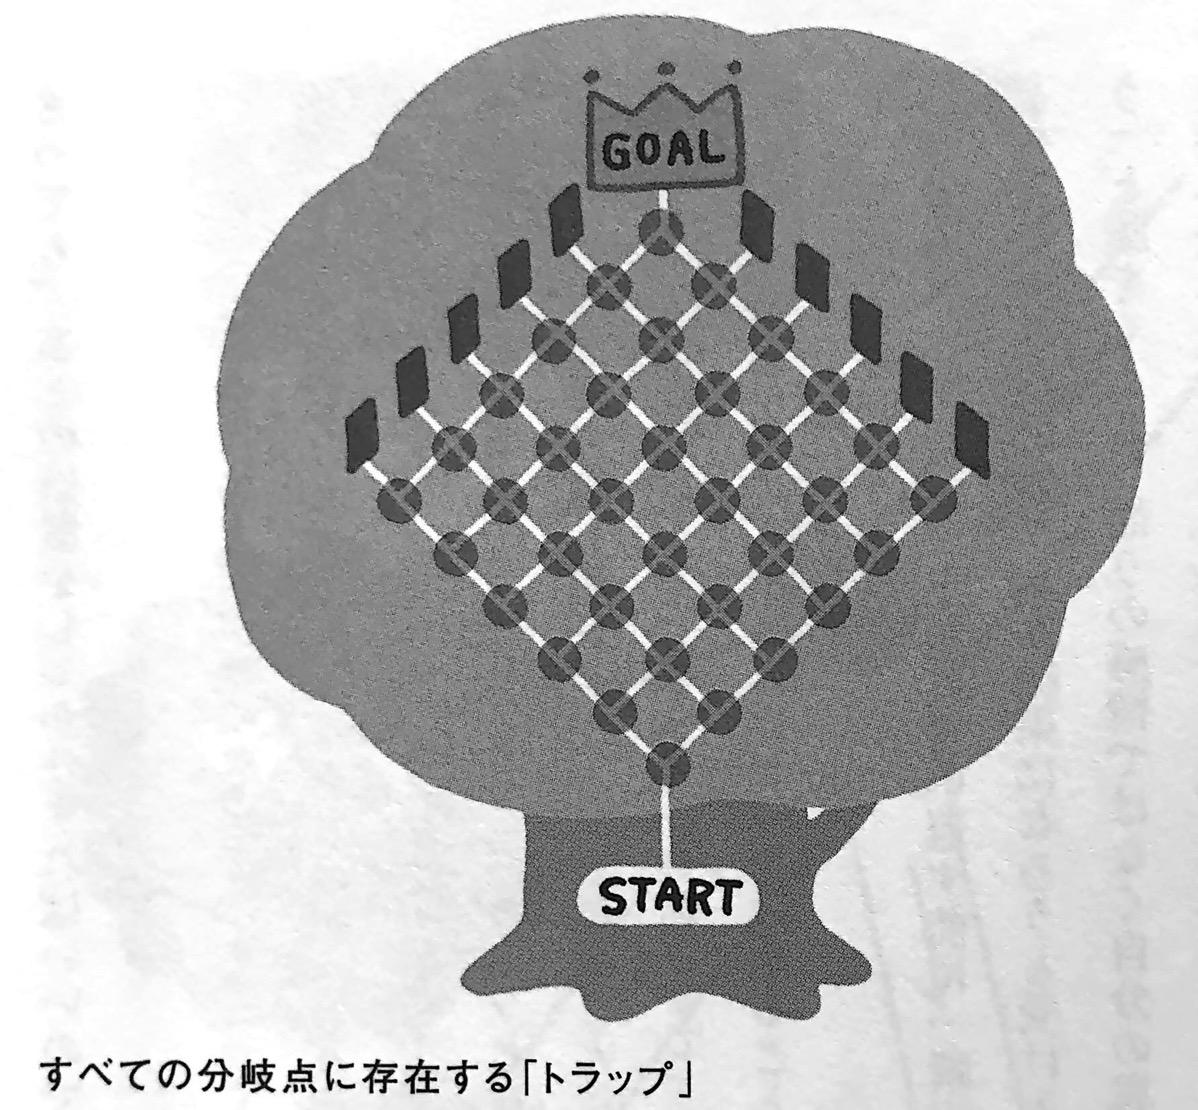 図2 すべての分岐点に存在する トラップ 異次元の扉 を開いて幸せになる Chp2